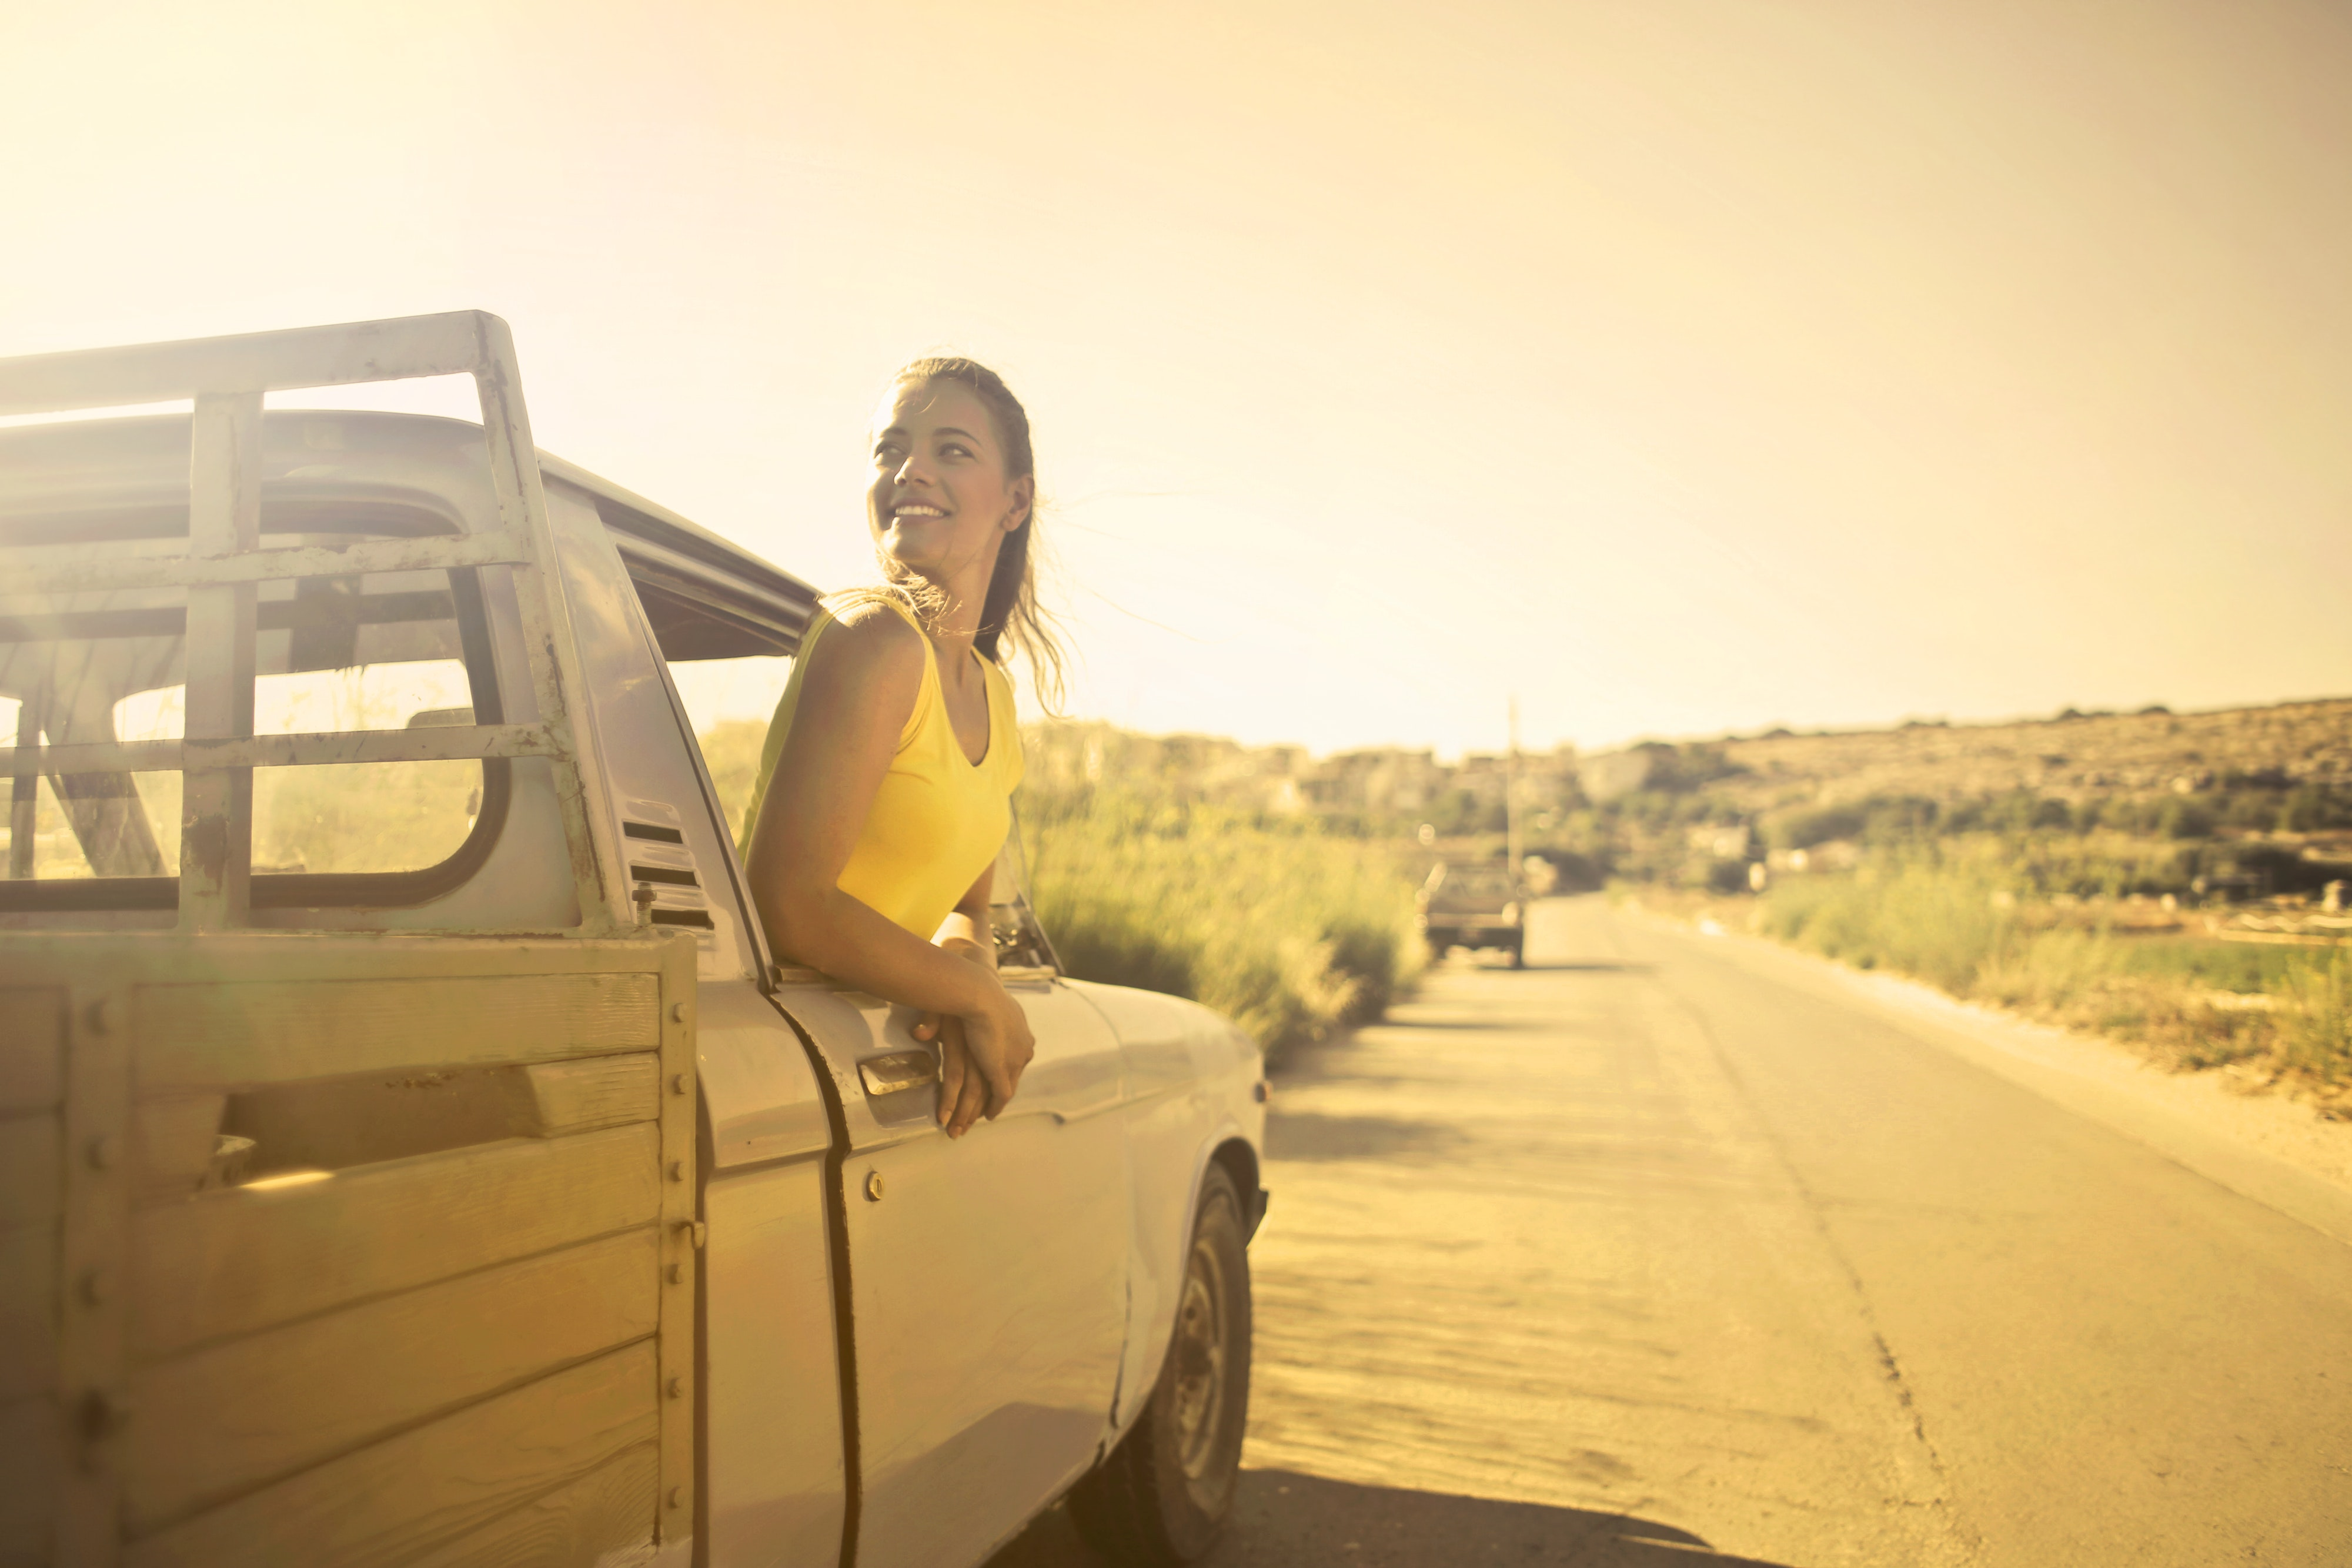 Woman wearing yellow shirt inside pickup truck photo